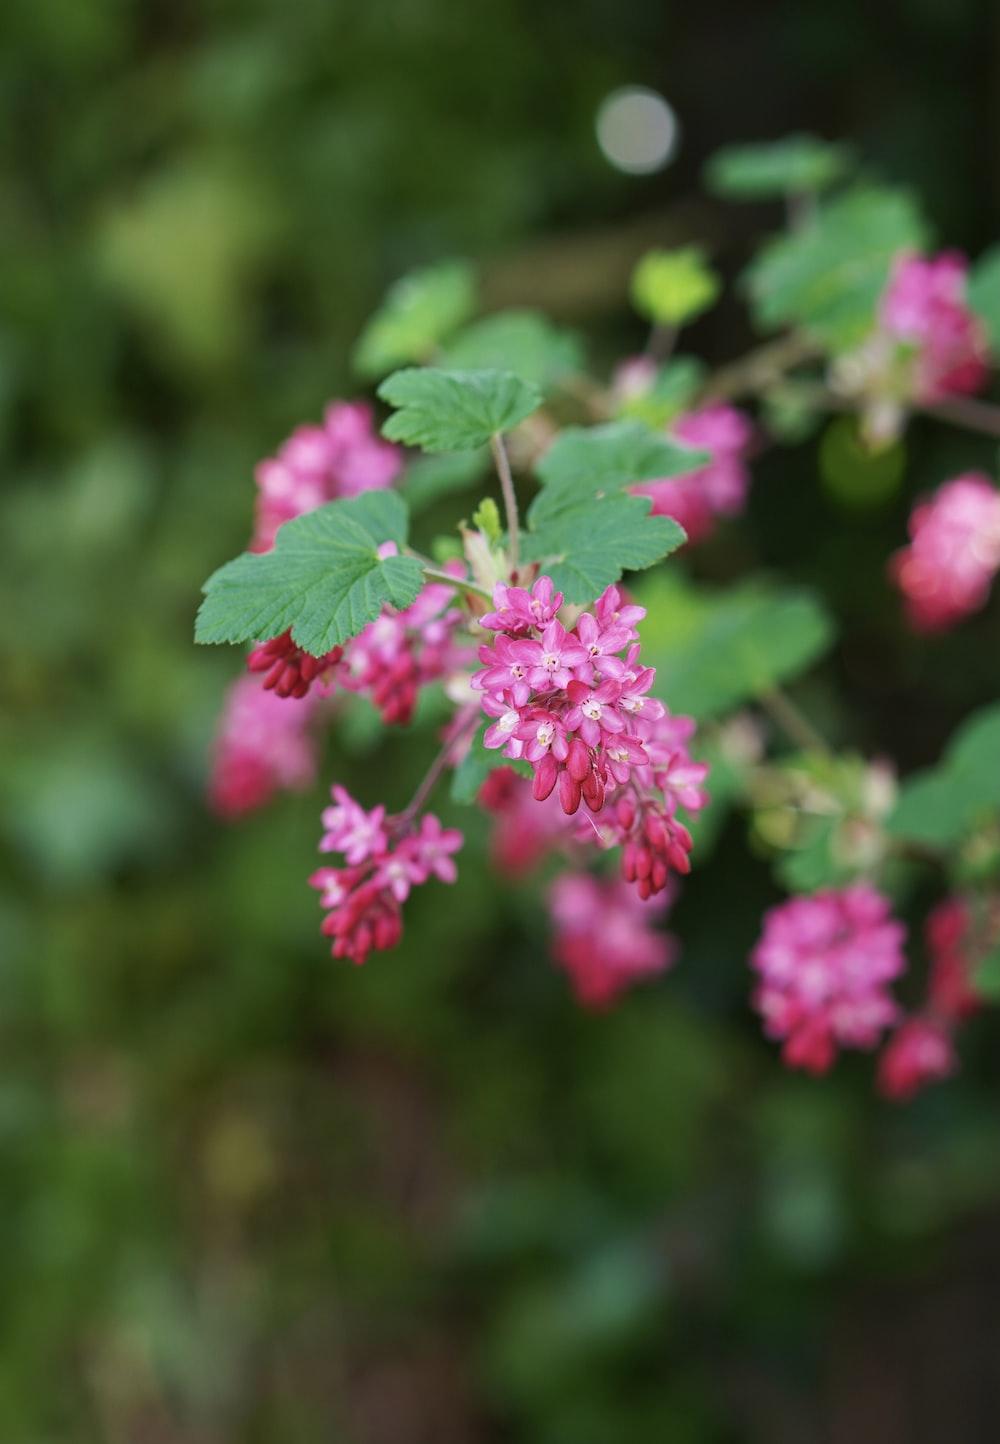 pink flower in tilt shift lens